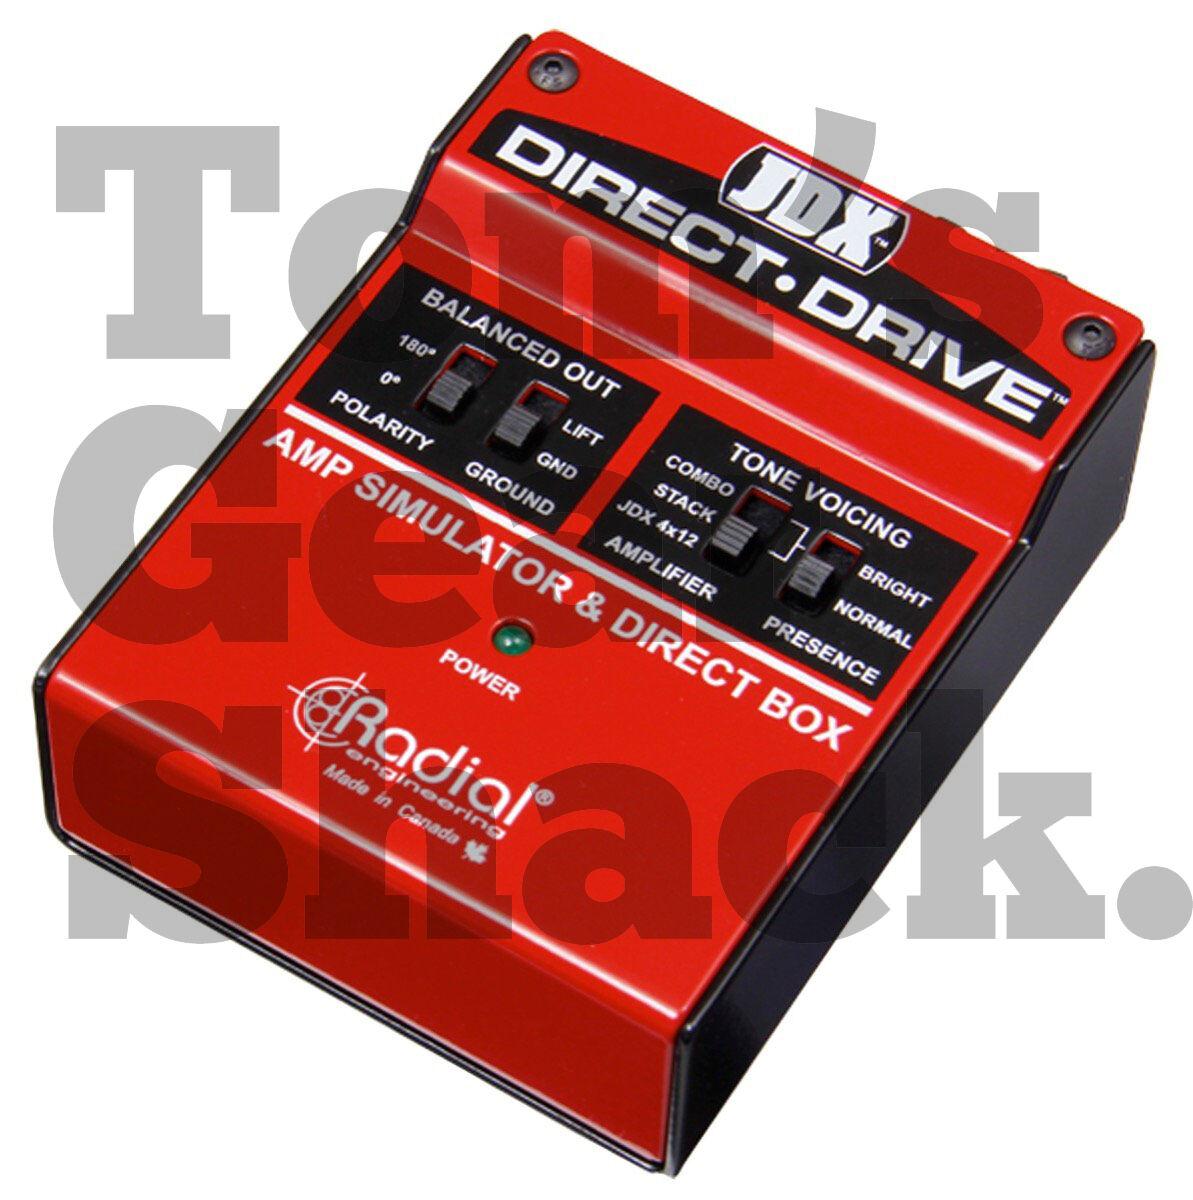 Radial Direct Drive Amp Simulator   DI Box Active Guitar Amp Direct Box NEU